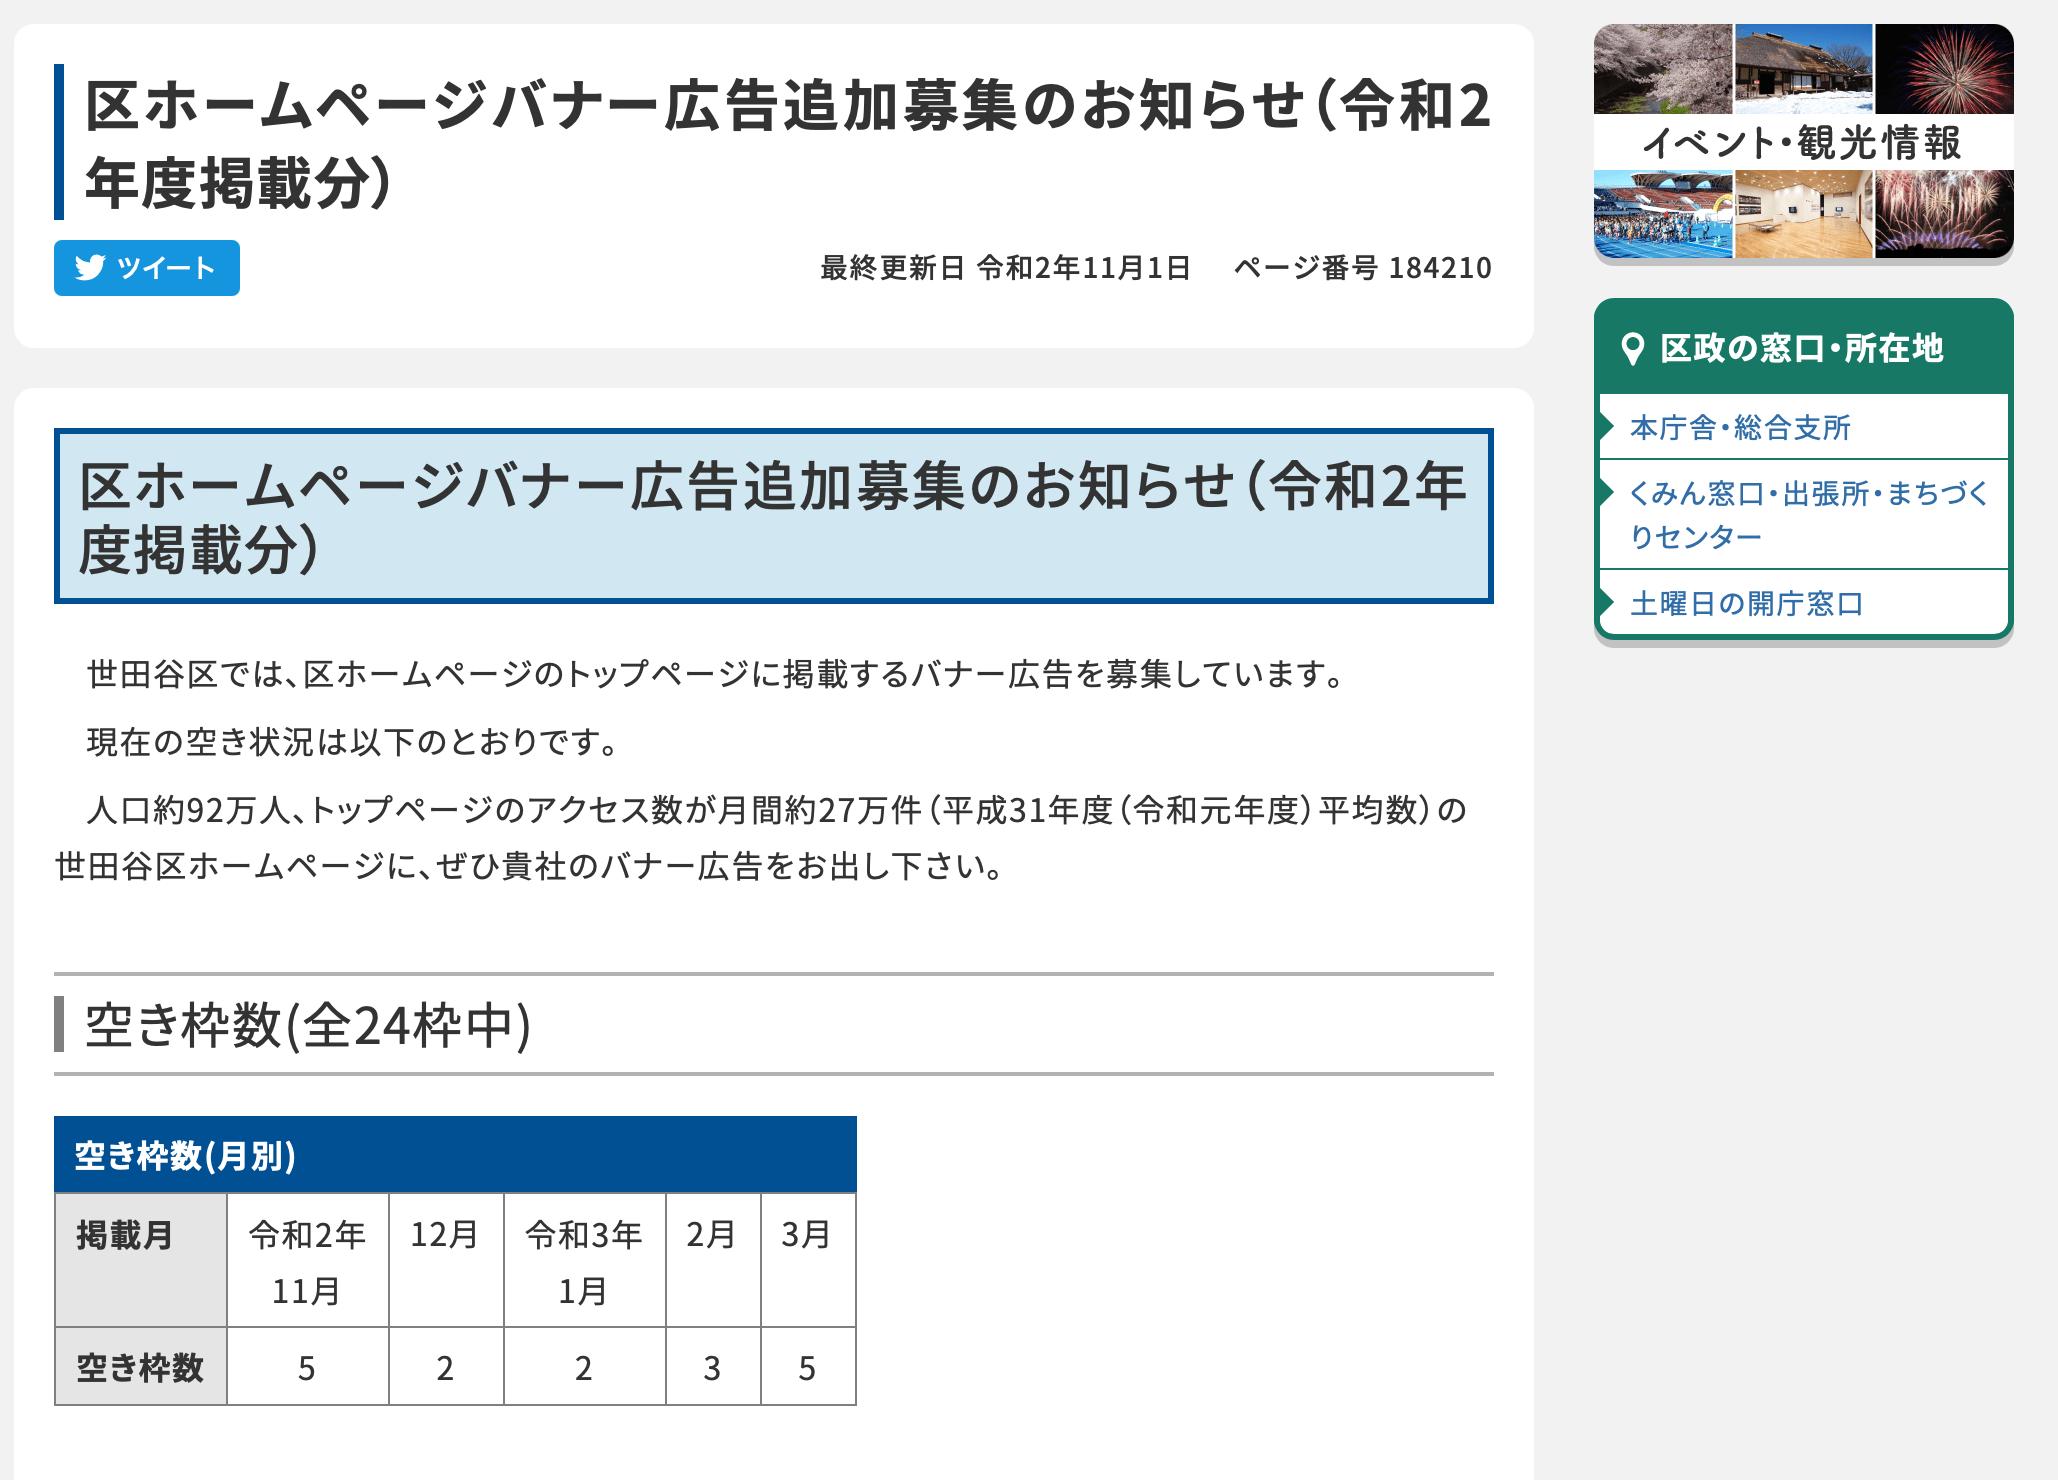 世田谷区役所ホームページバナー広告